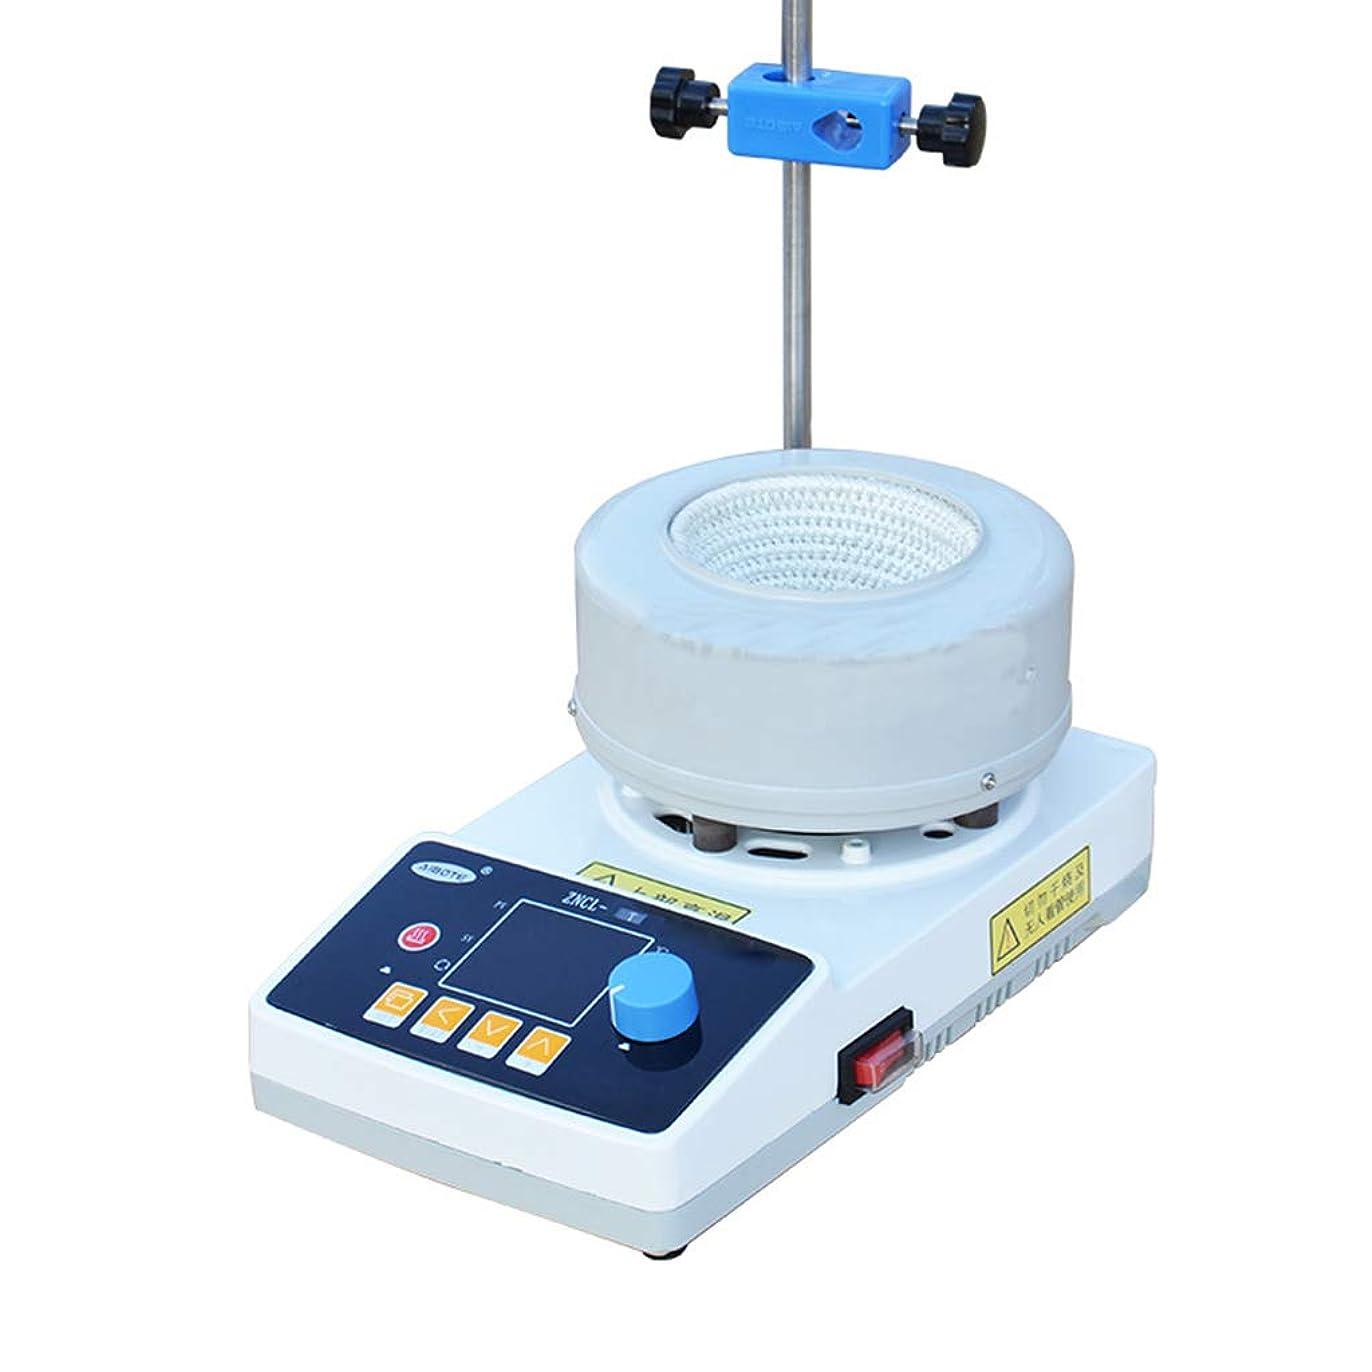 潜在的な育成熟した磁気暖房スリーブミキサー ために 研究室、 精密温度制御、 無段階速度調整、 スパークスいいえ、 低ノイズ、 良好な絶縁